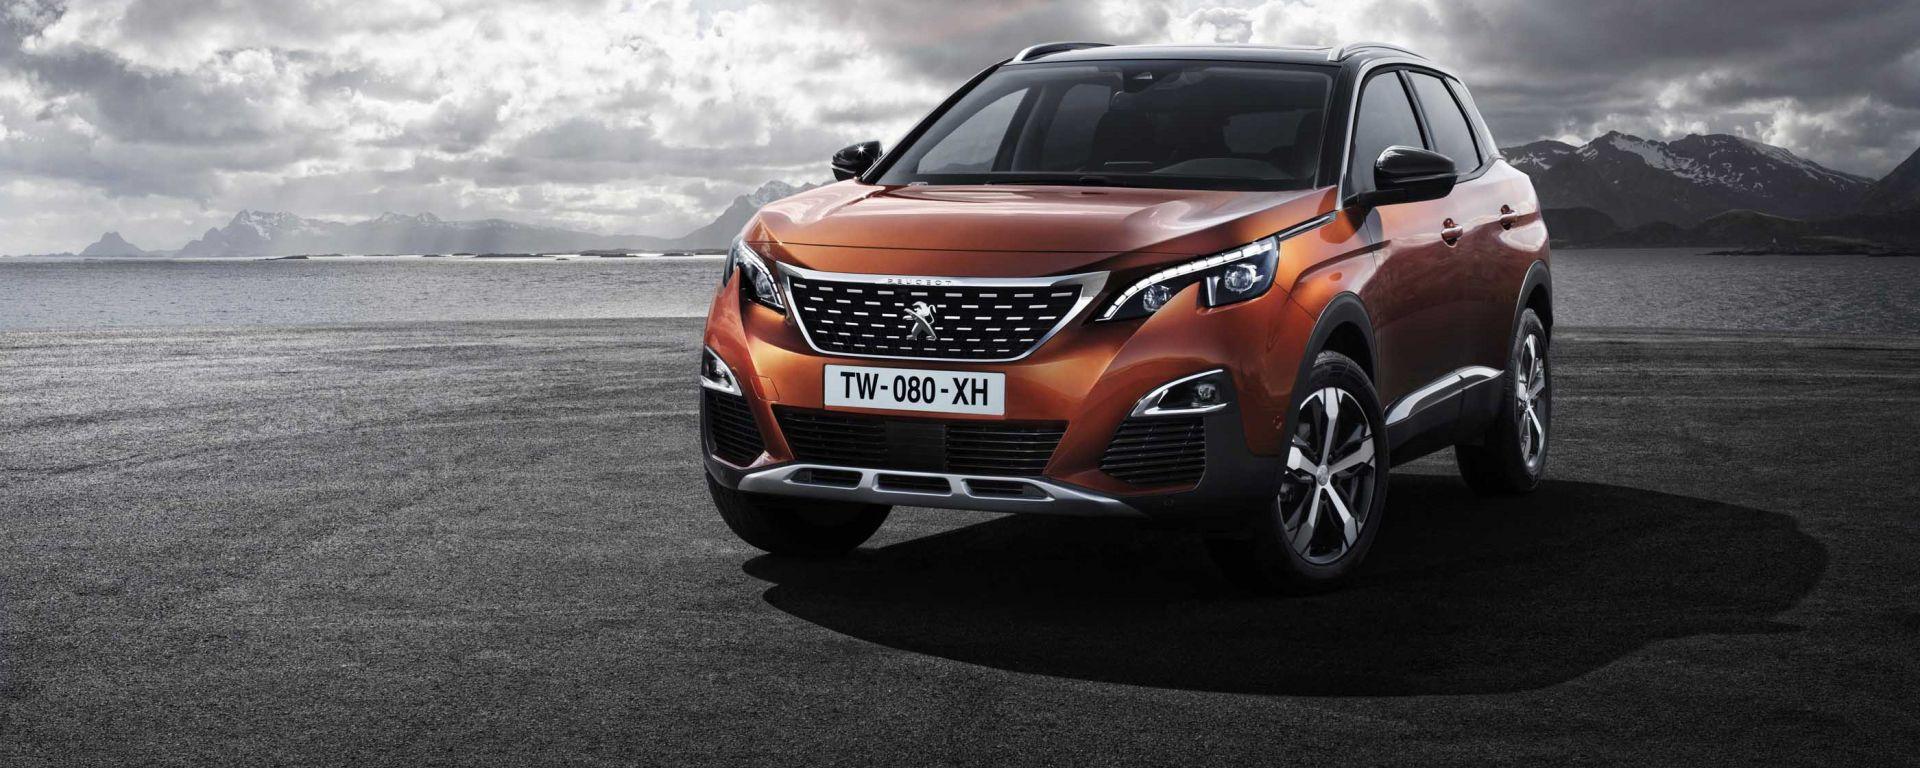 Peugeot 3008: in Italia nuova crossover francese sarà in vendita a partire da 23.150 euro